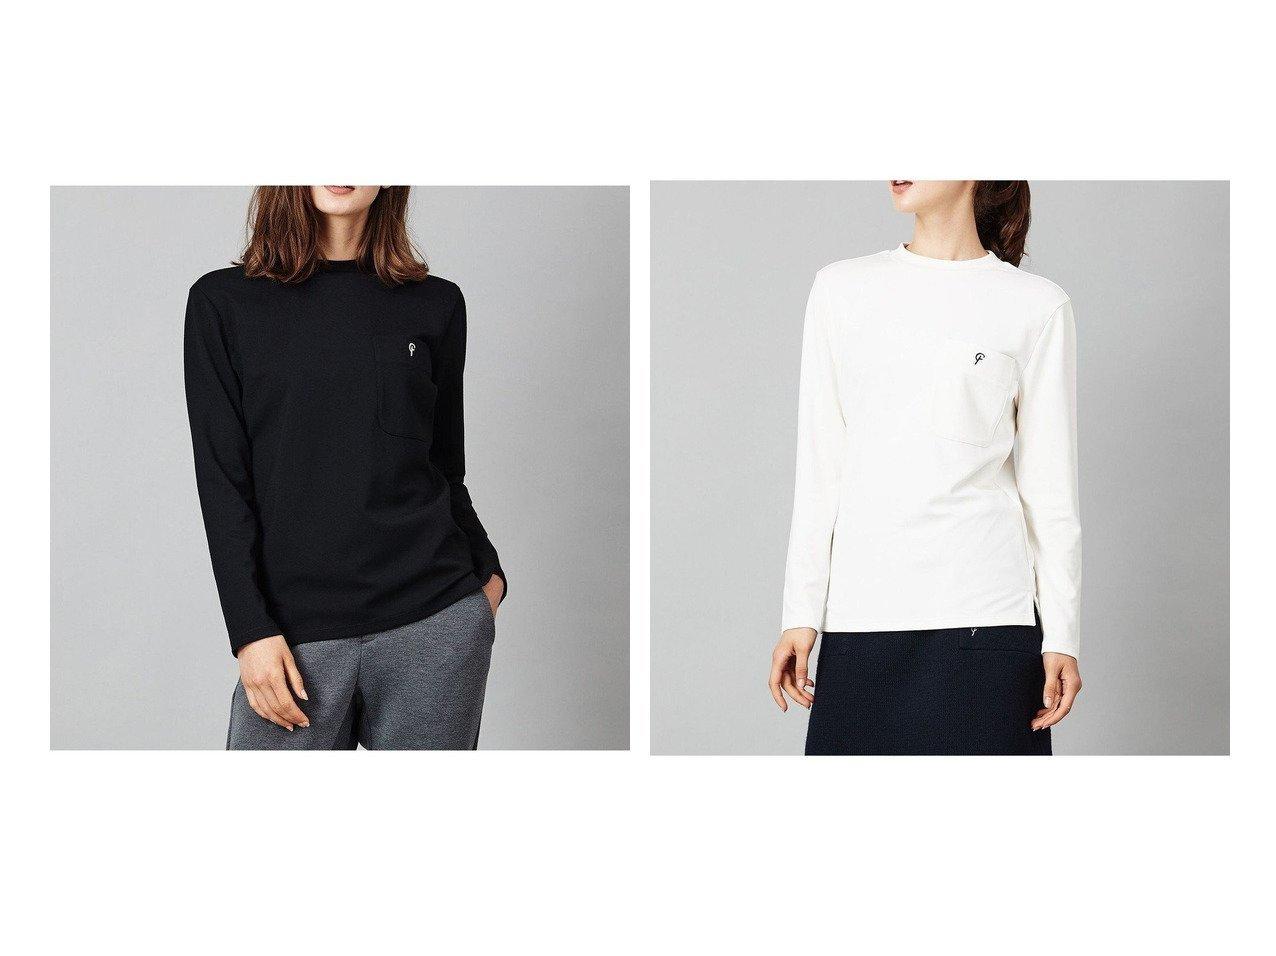 【NIJYUSANKU GOLF/23区 ゴルフ】の【WOMEN】【WEB&一部店舗限定】コットンナイロンポンチTシャツ おすすめ!人気、トレンド・レディースファッションの通販 おすすめで人気の流行・トレンド、ファッションの通販商品 インテリア・家具・メンズファッション・キッズファッション・レディースファッション・服の通販 founy(ファニー) https://founy.com/ ファッション Fashion レディースファッション WOMEN トップス・カットソー Tops/Tshirt シャツ/ブラウス Shirts/Blouses ロング / Tシャツ T-Shirts カットソー Cut and Sewn カットソー スリット チェーン バランス ポケット 送料無料 Free Shipping |ID:crp329100000071044